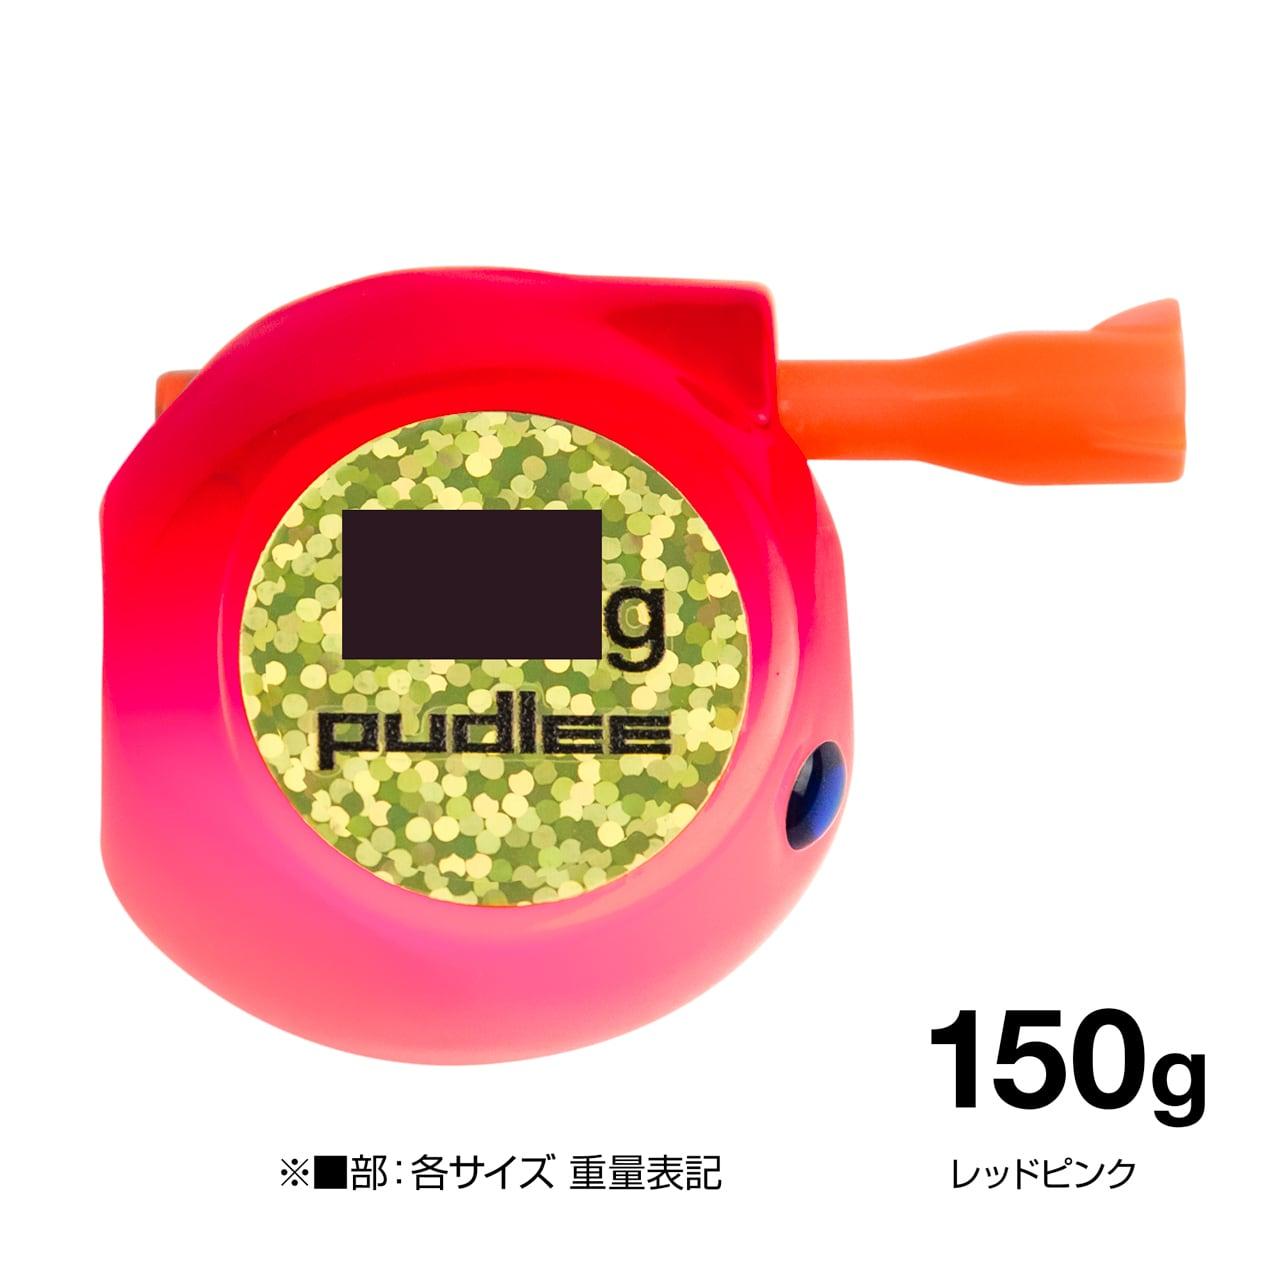 【釣りフェス限定販売】タイラバJET フラットサイド 150gレッドピンク